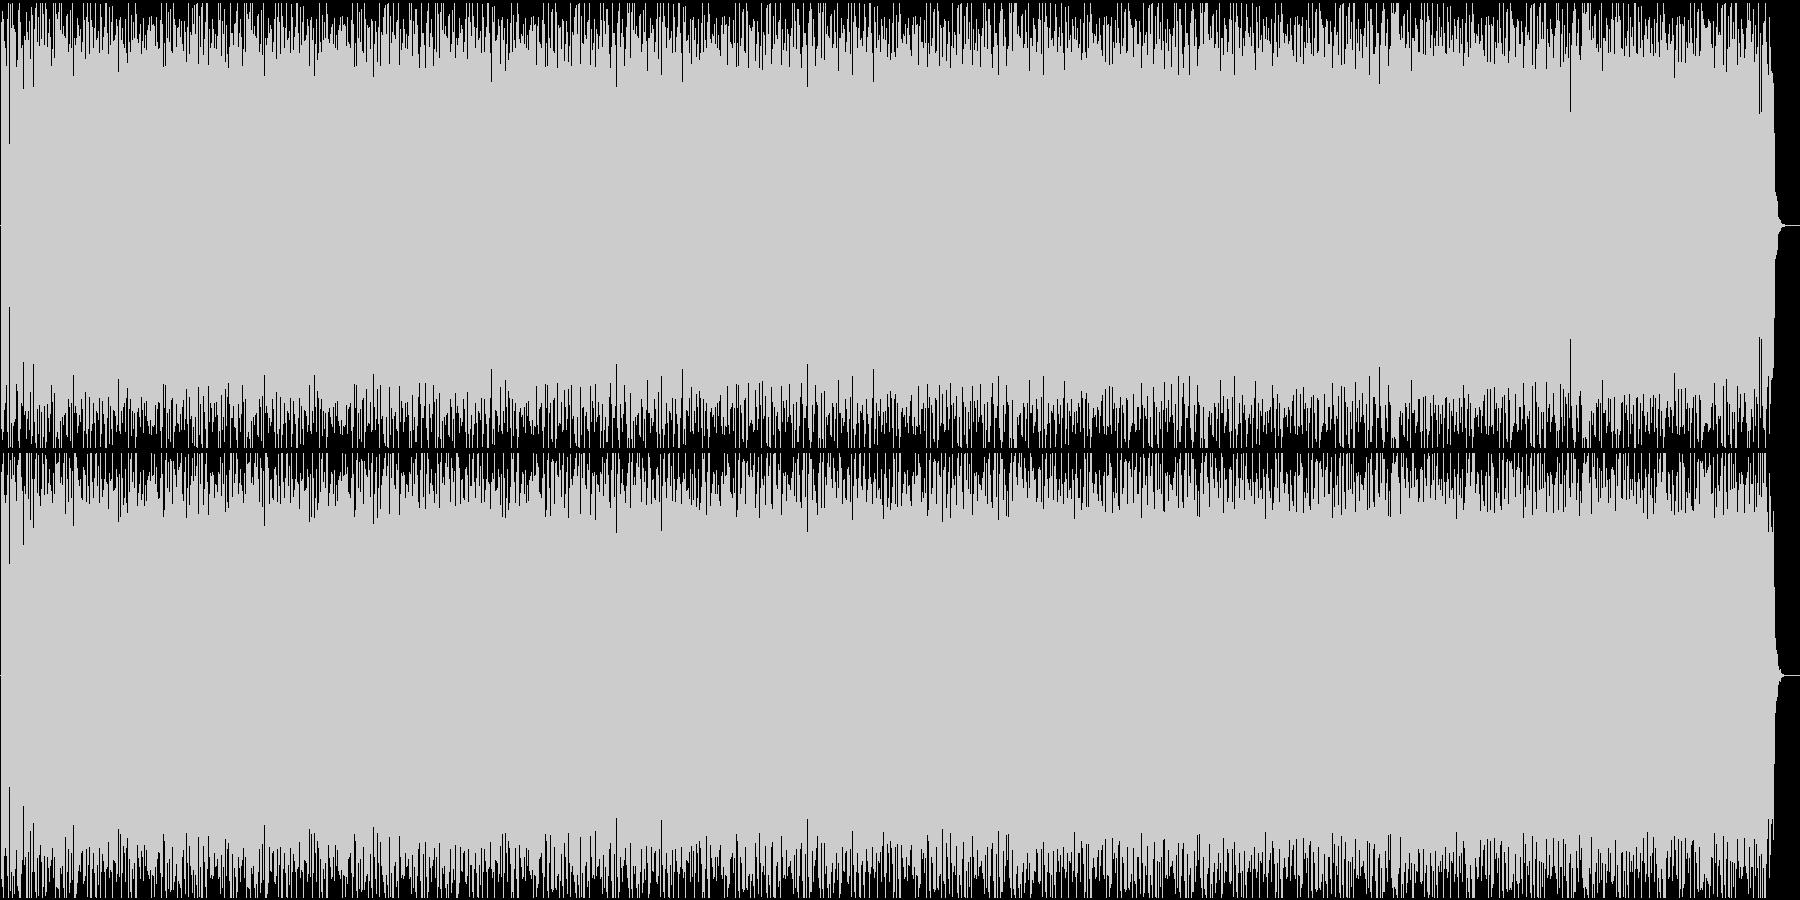 ベースがうねる四つ打ちダンスミュージックの未再生の波形